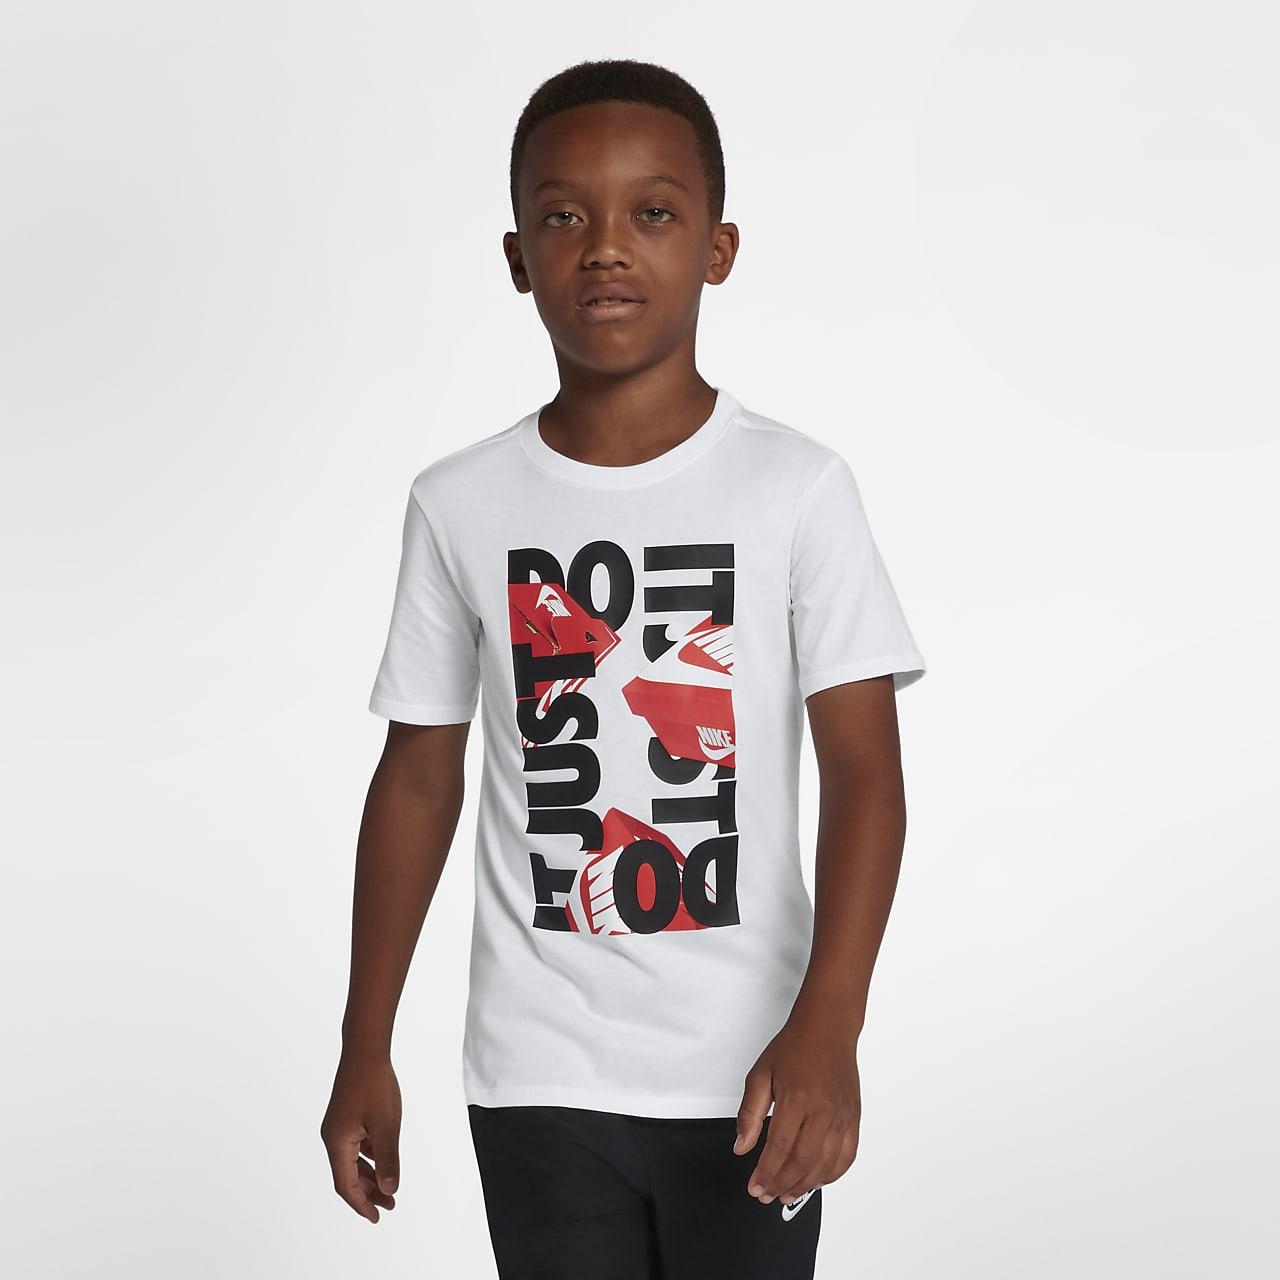 Nike Sportswear Just Do It T skjorte til store barn (gutt)